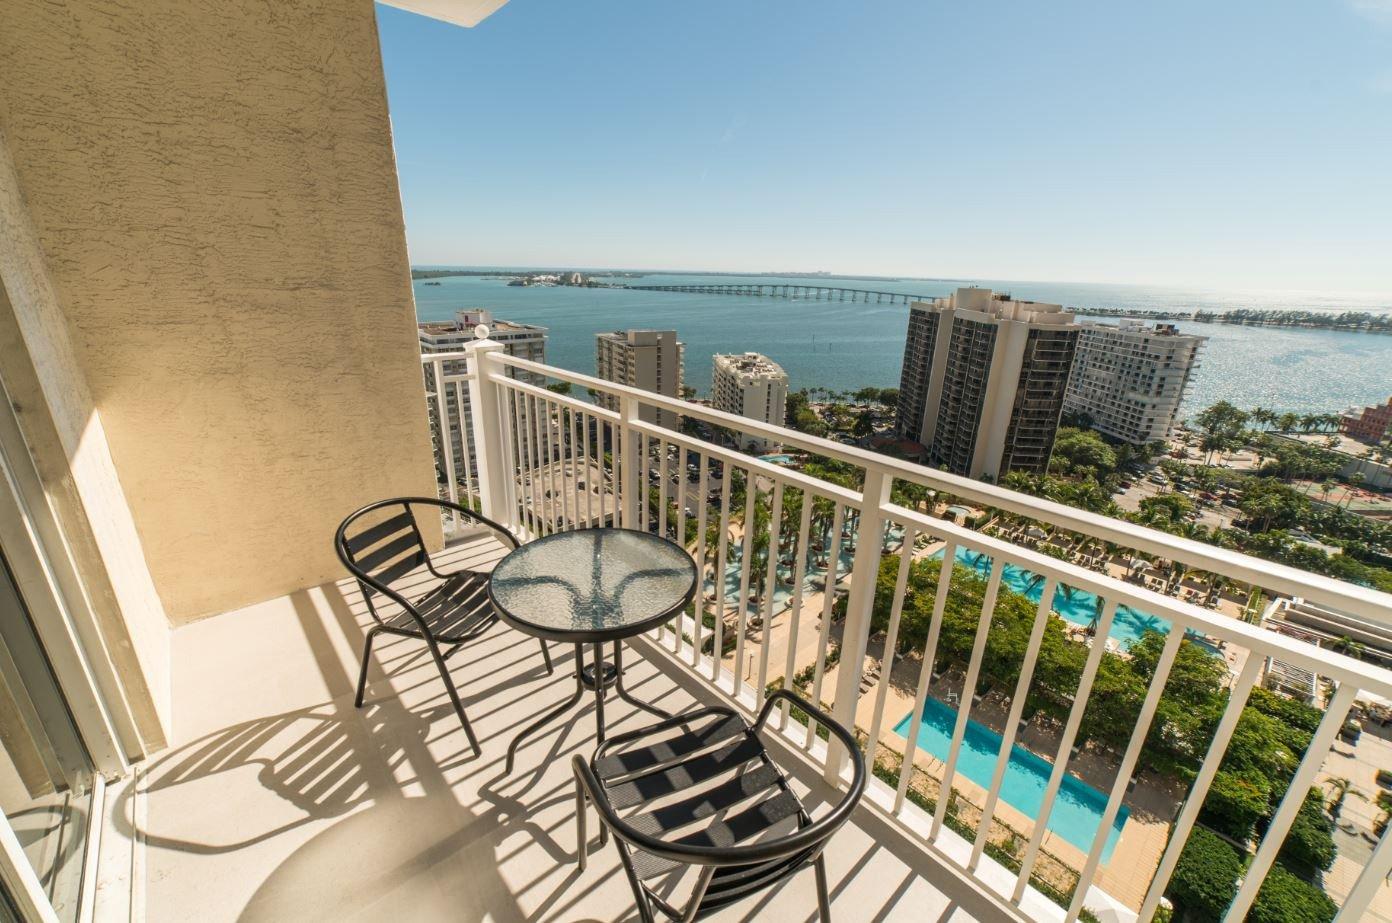 Fortune house hotel in miami fl 33131 for 185 se 14th terrace miami fl 33131